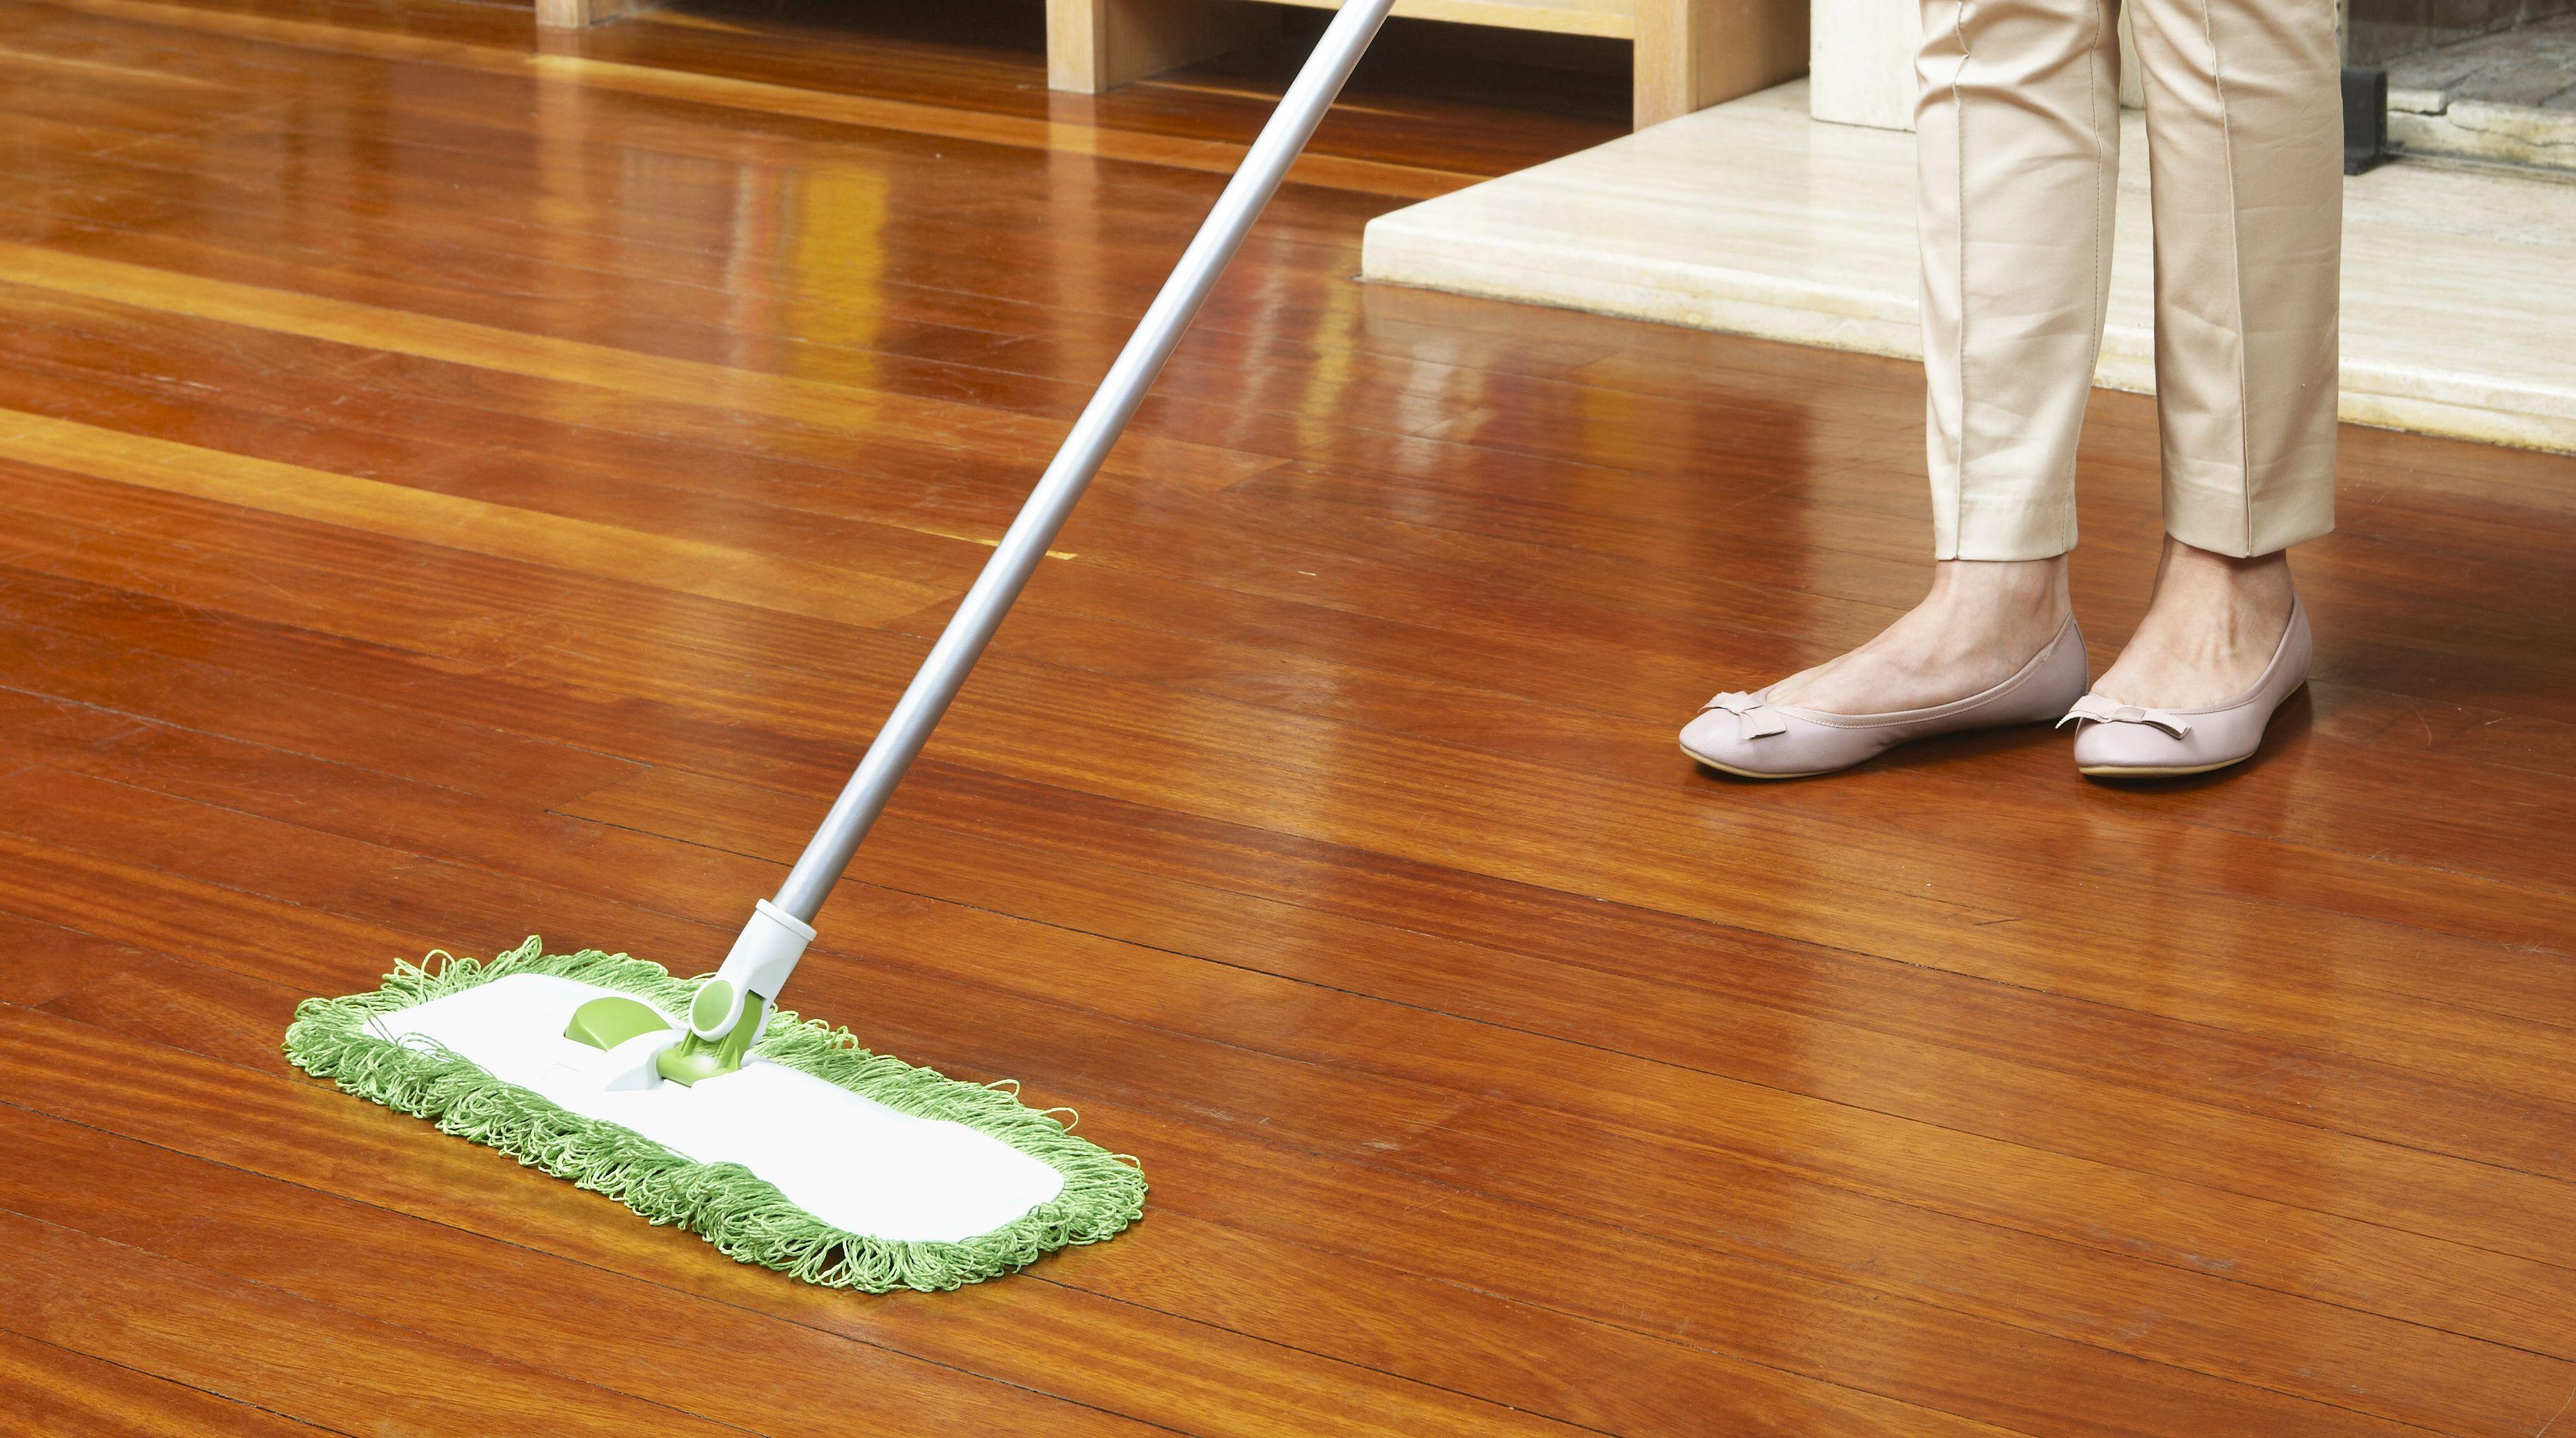 Empresa de limpiezas en Tenerife